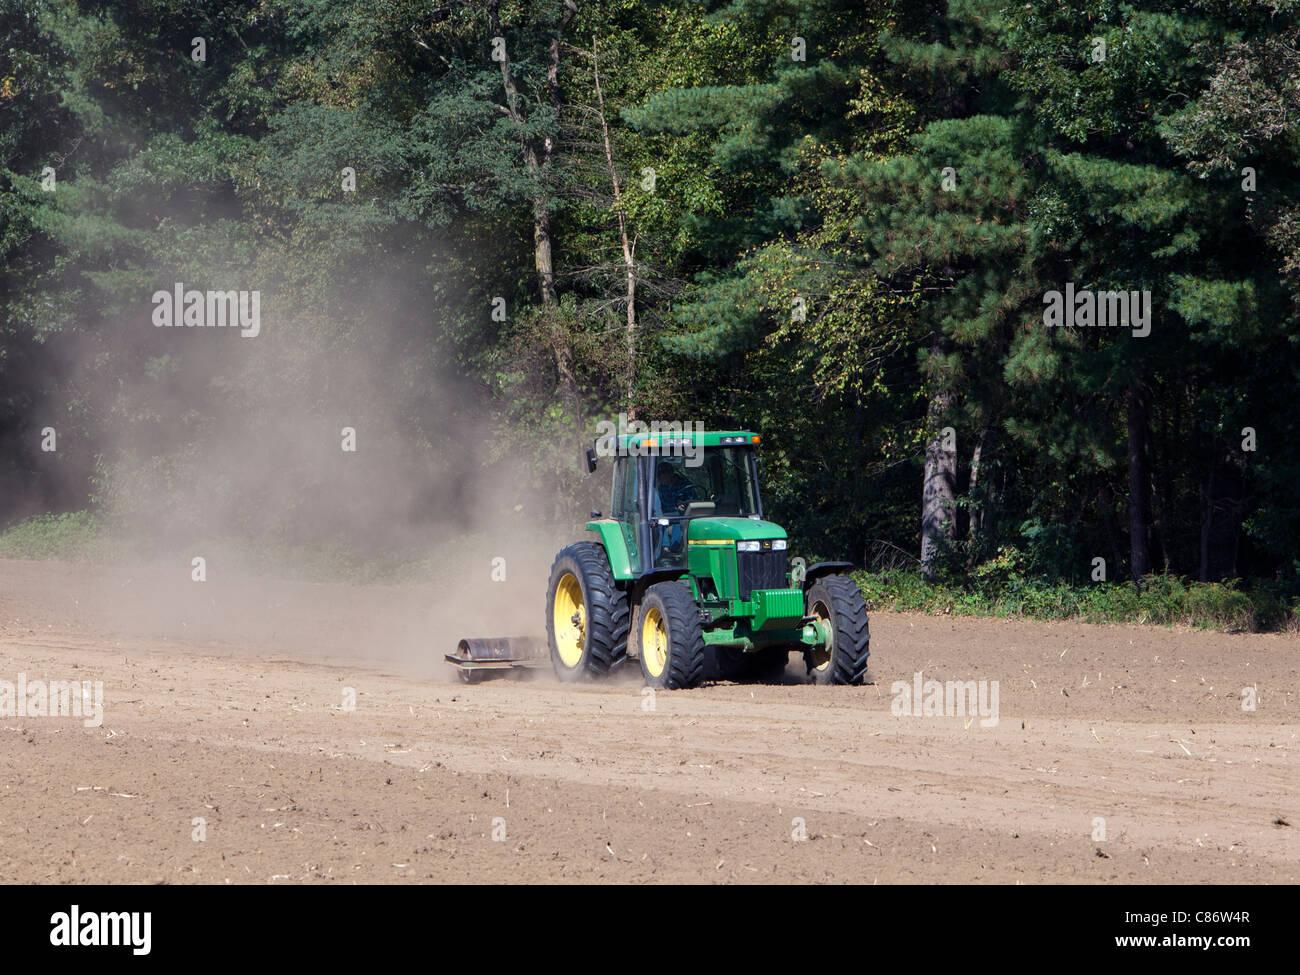 A green John Deere tractor working in a dusty field. - Stock Image